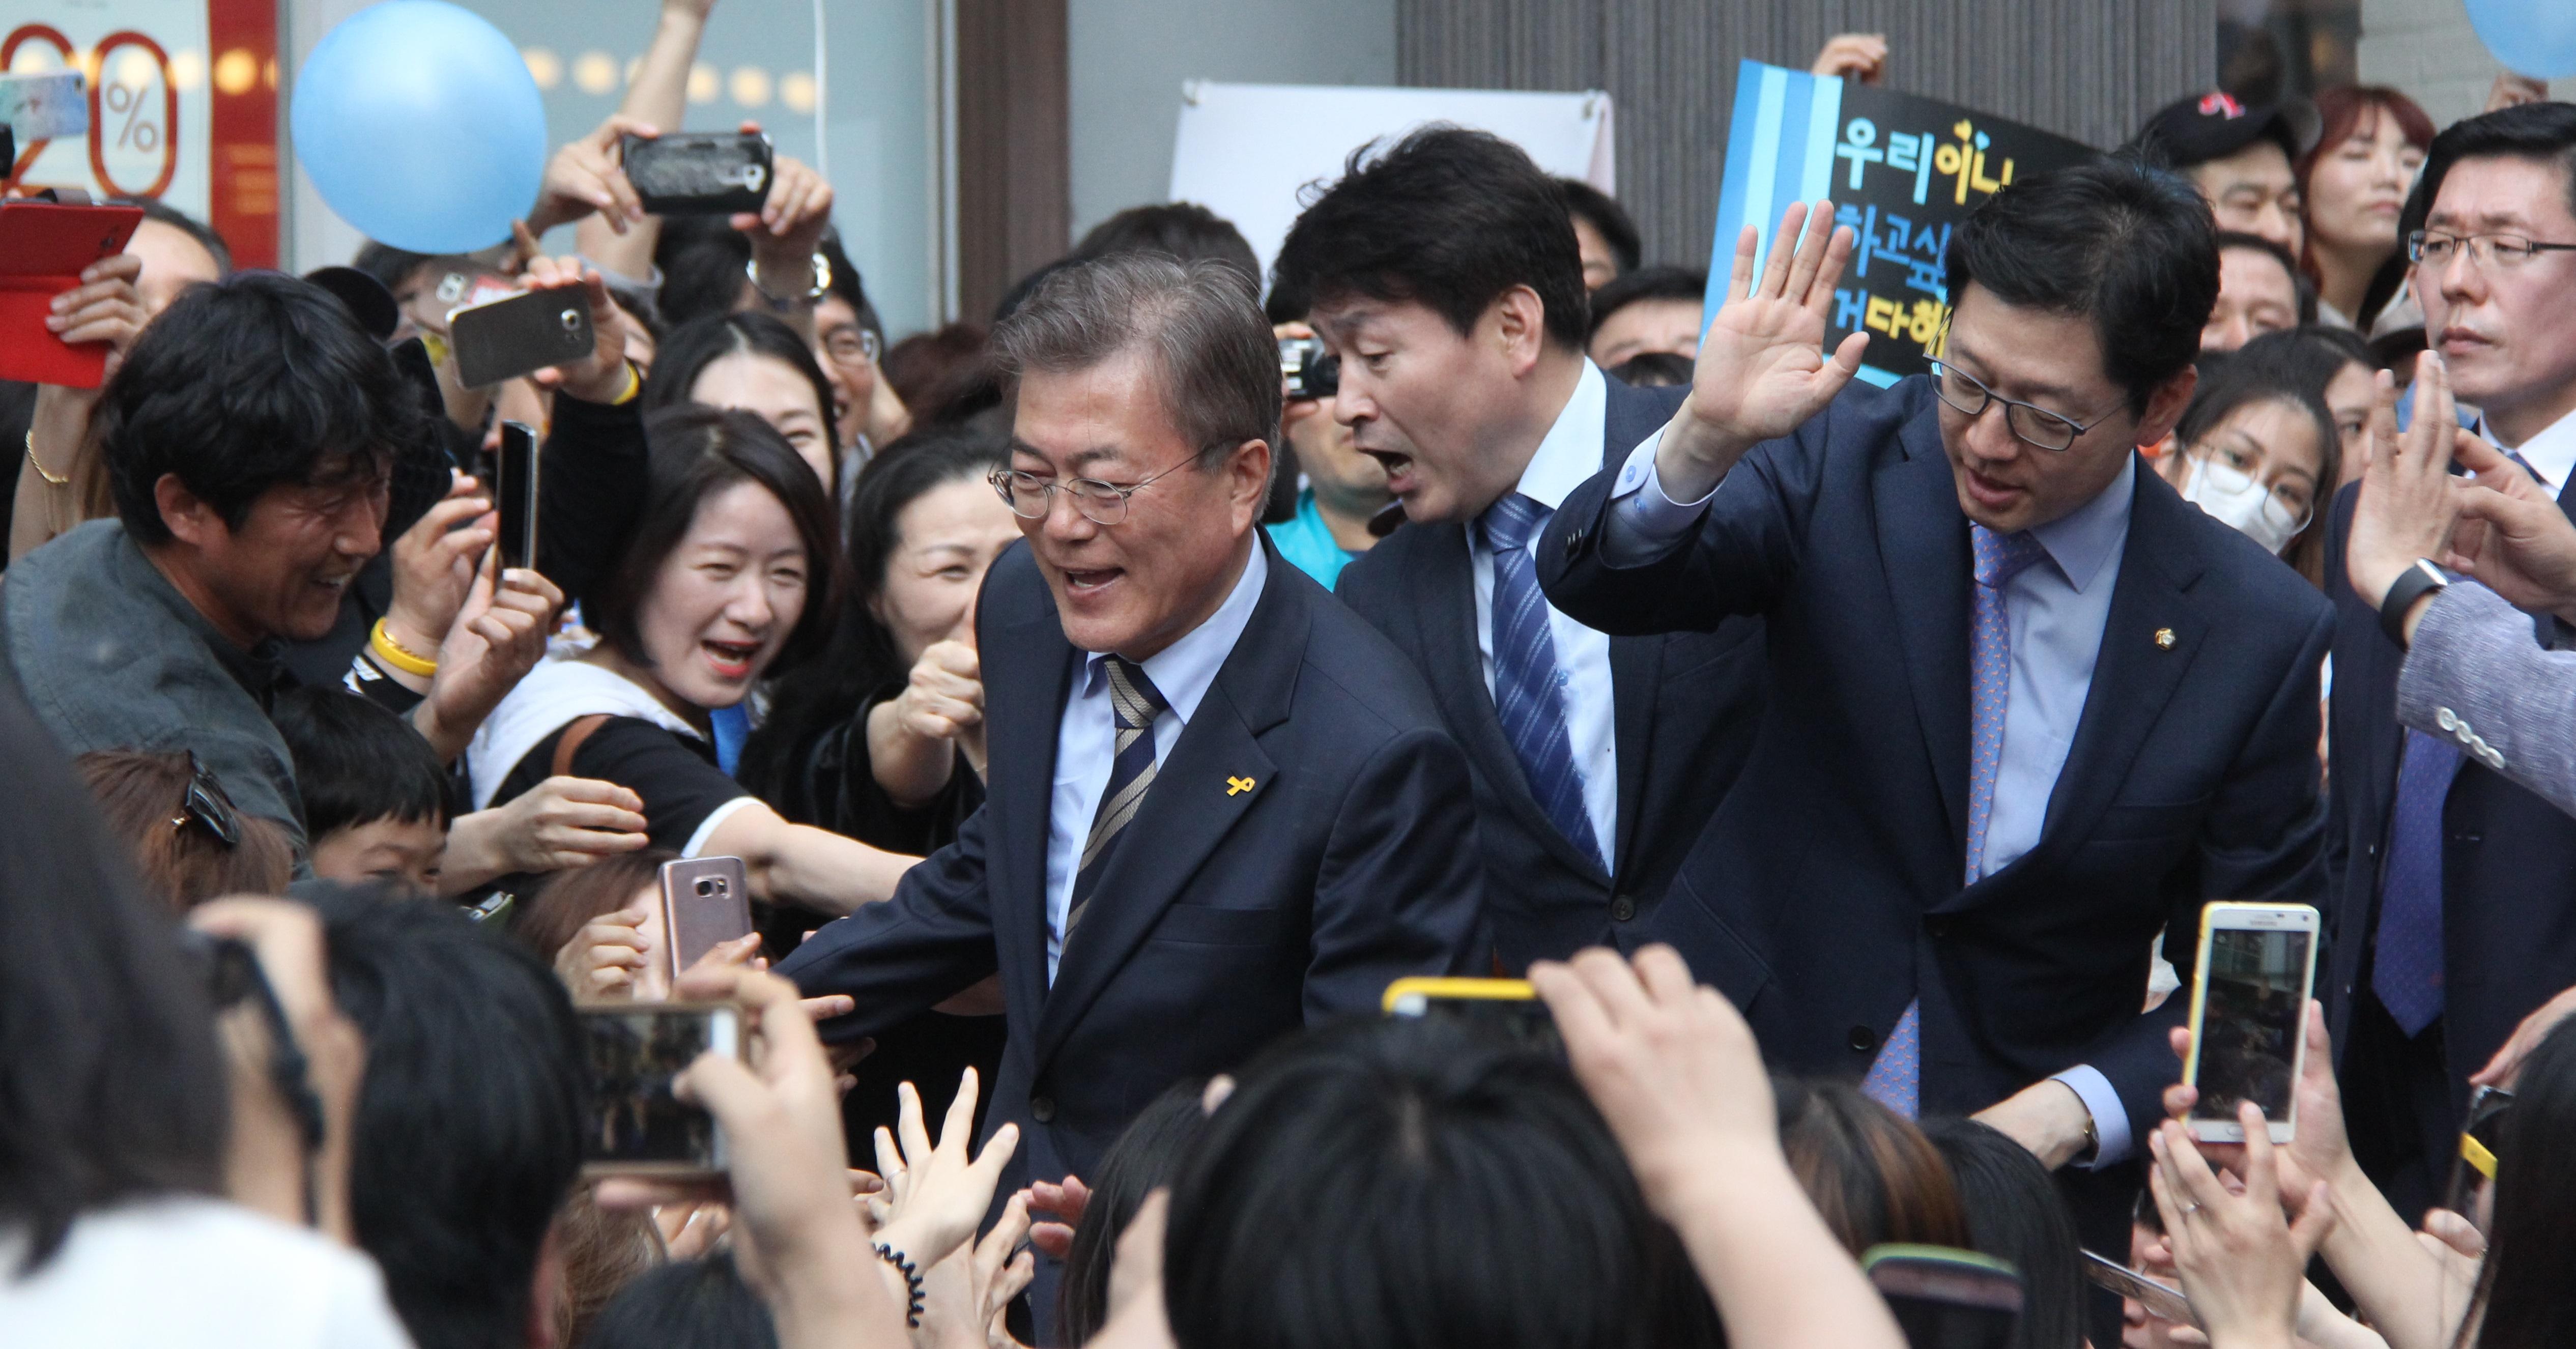 문재인 후보가 30일 오후 대전 으능정이 거리를 찾아 시민들에게 지지를 호소하고 있다.